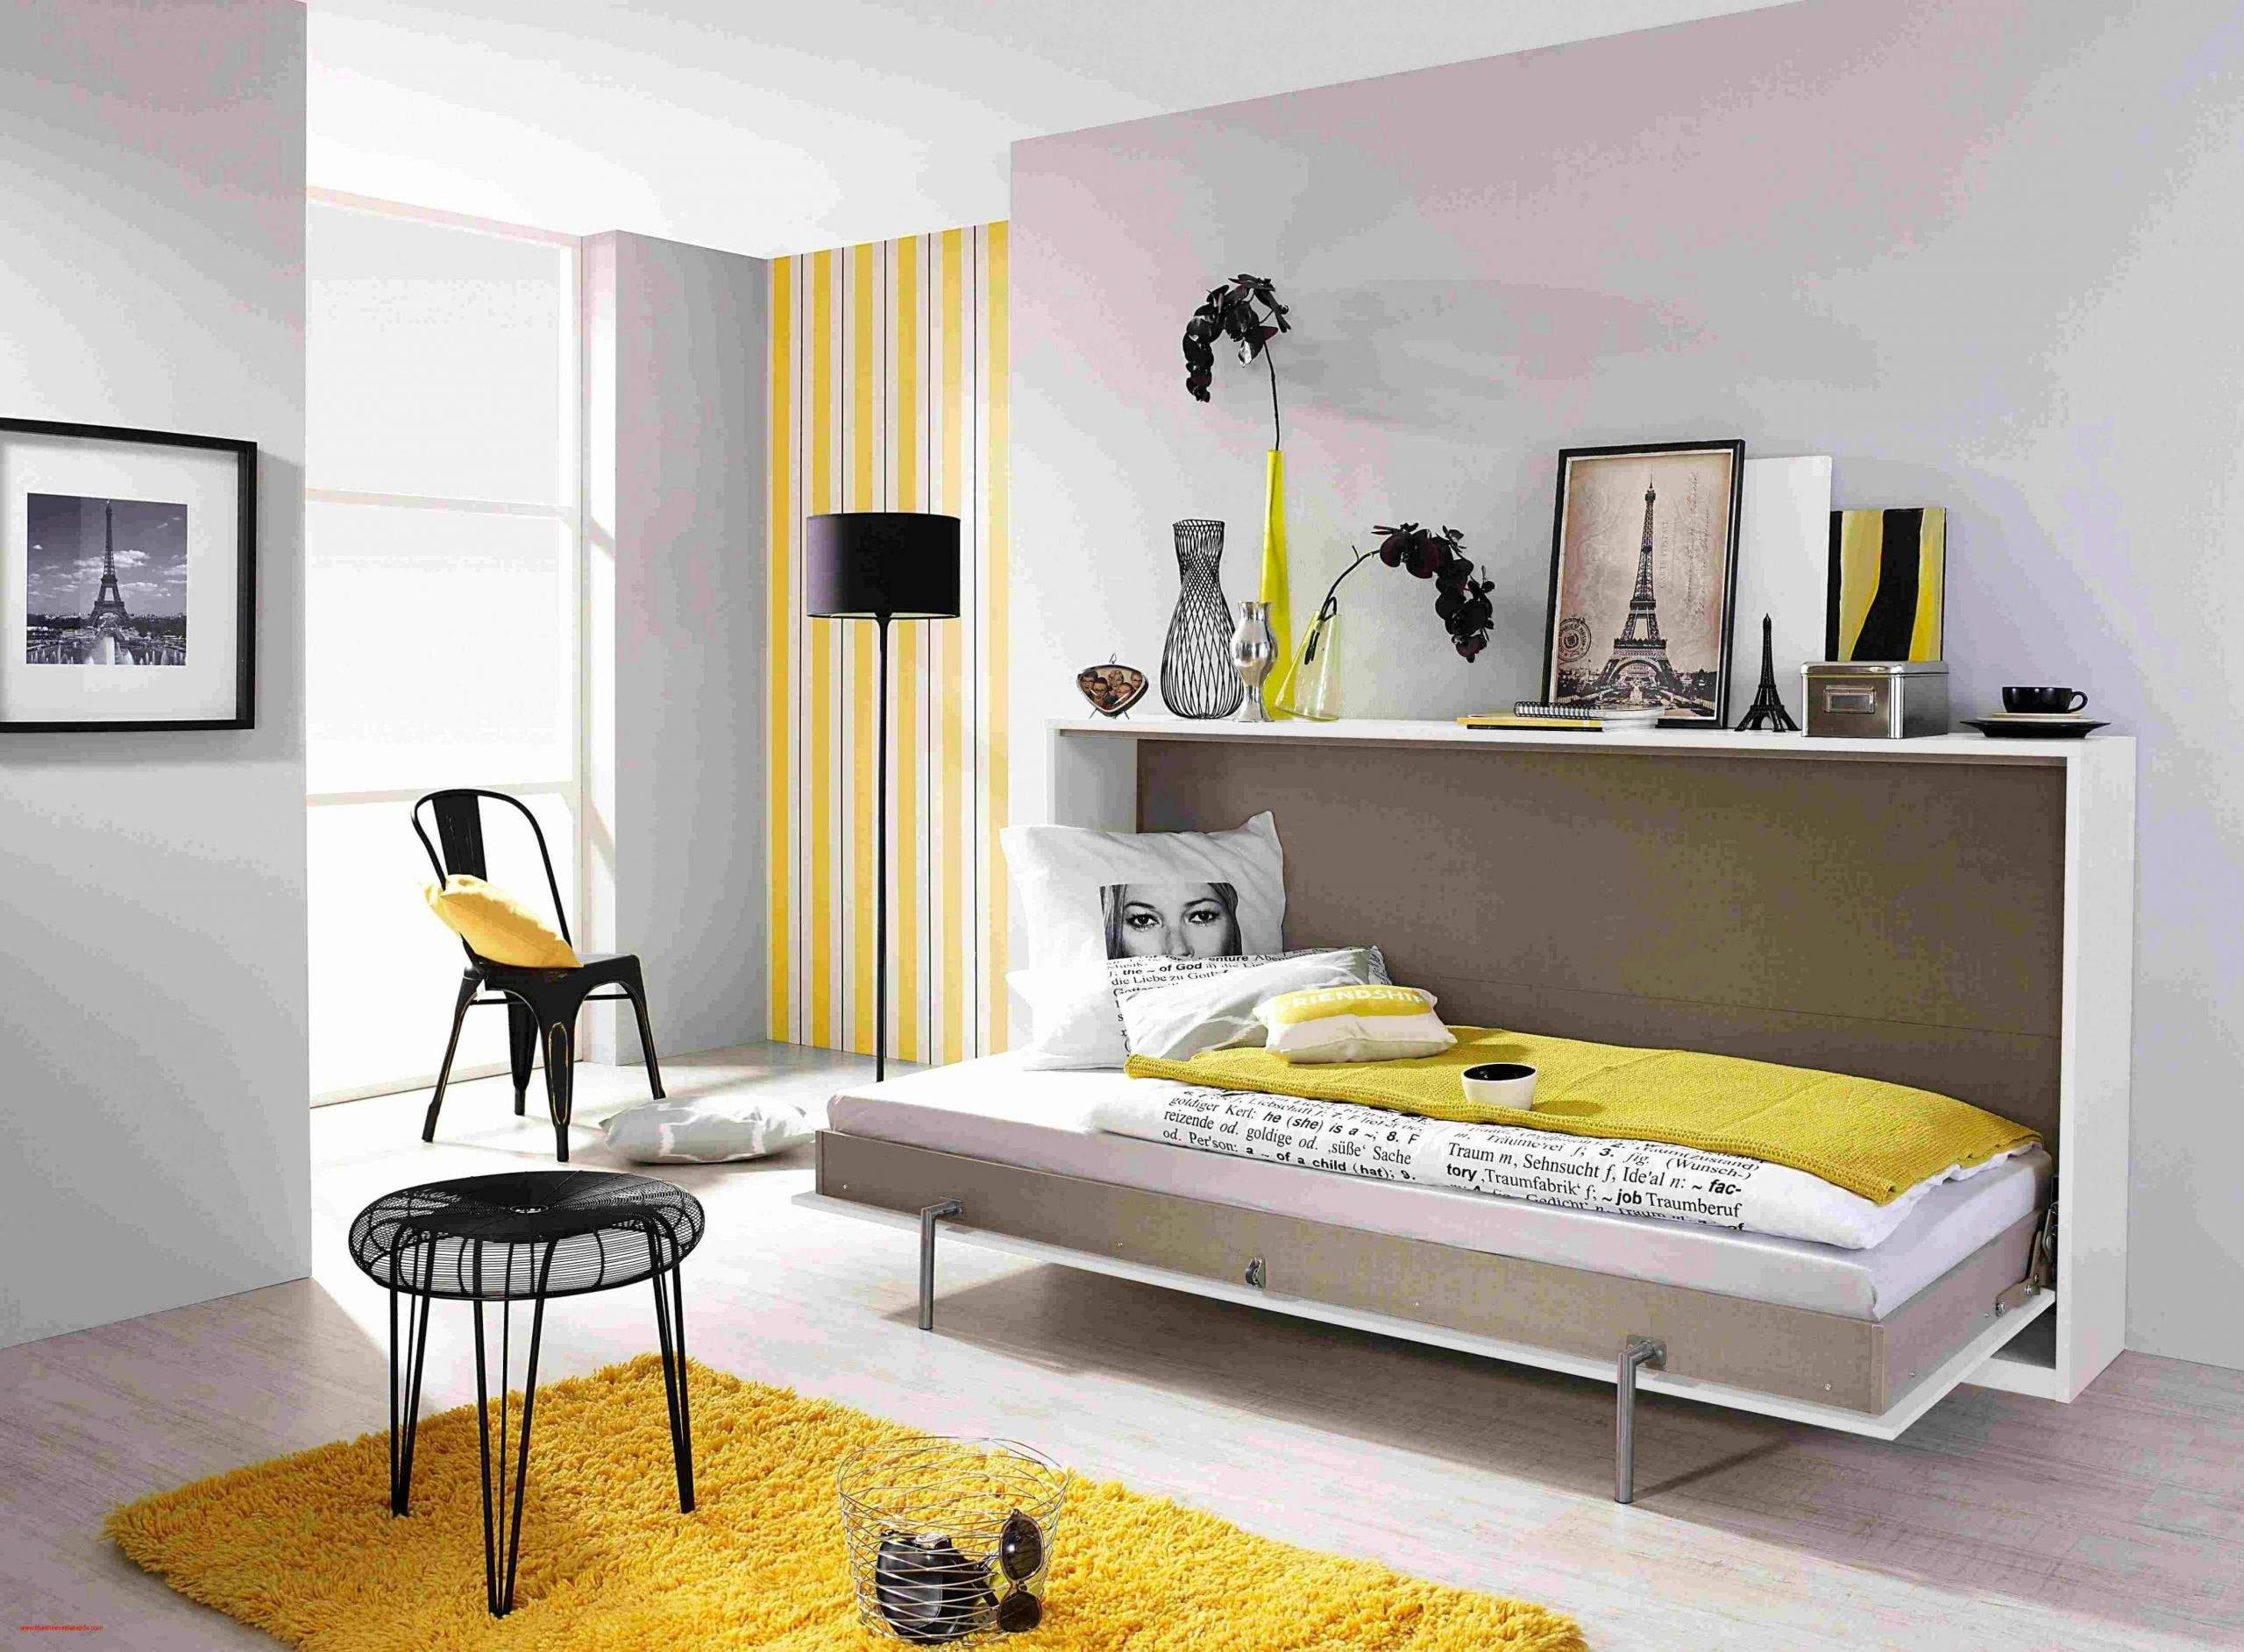 mobel fur wohnzimmer einzigartig wohnzimmer mobel kraft das beste von of mobel fur wohnzimmer scaled